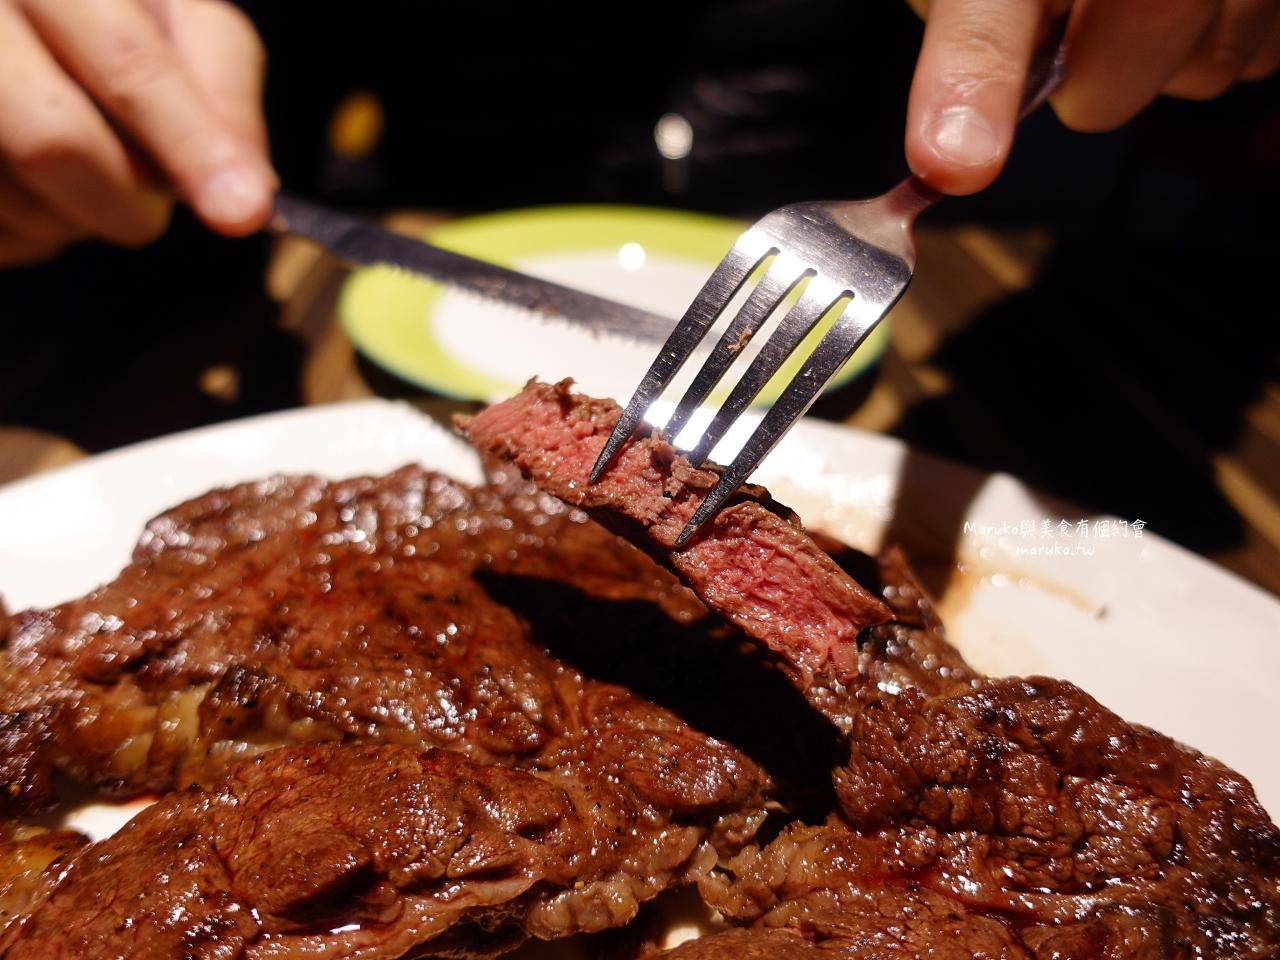 【景美】TNT 美式炭烤牛排/大分量 Prime等級美國安格斯黑牛只要220元起/景美站牛排館 @Maruko與美食有個約會